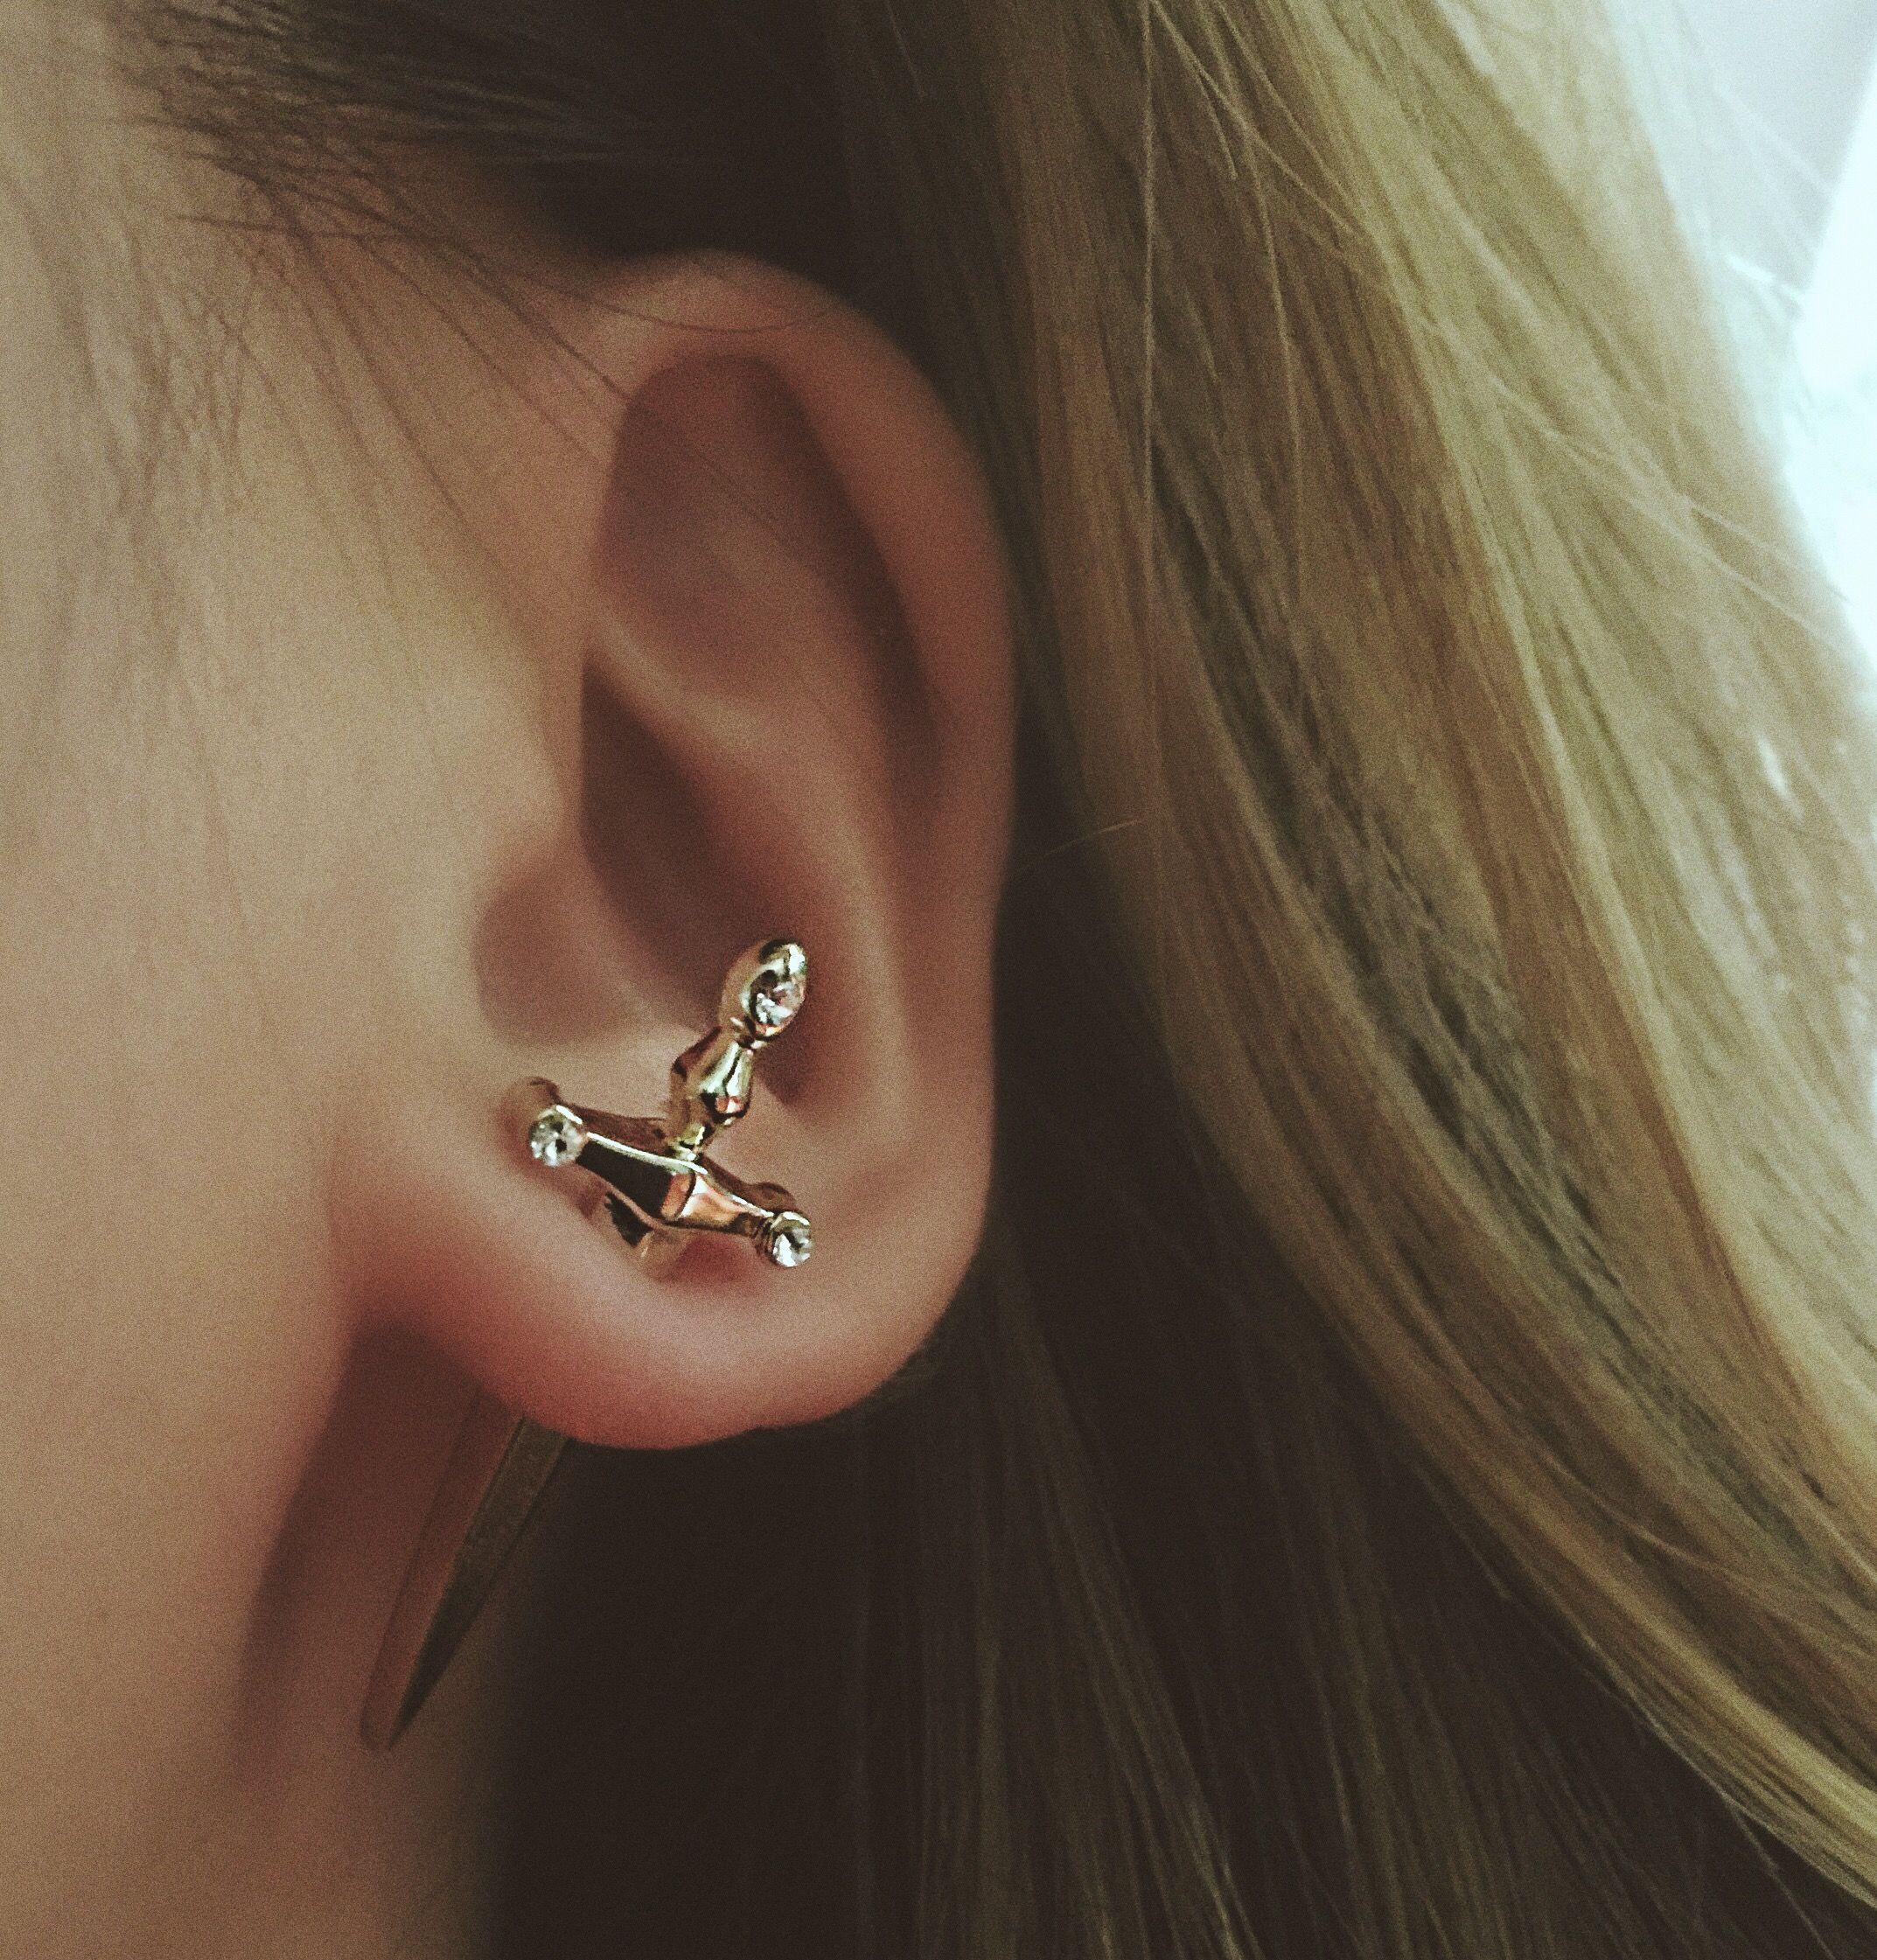 730693b43 Sword Stud Earring | Adornments | Jewelry, Earrings, Fashion